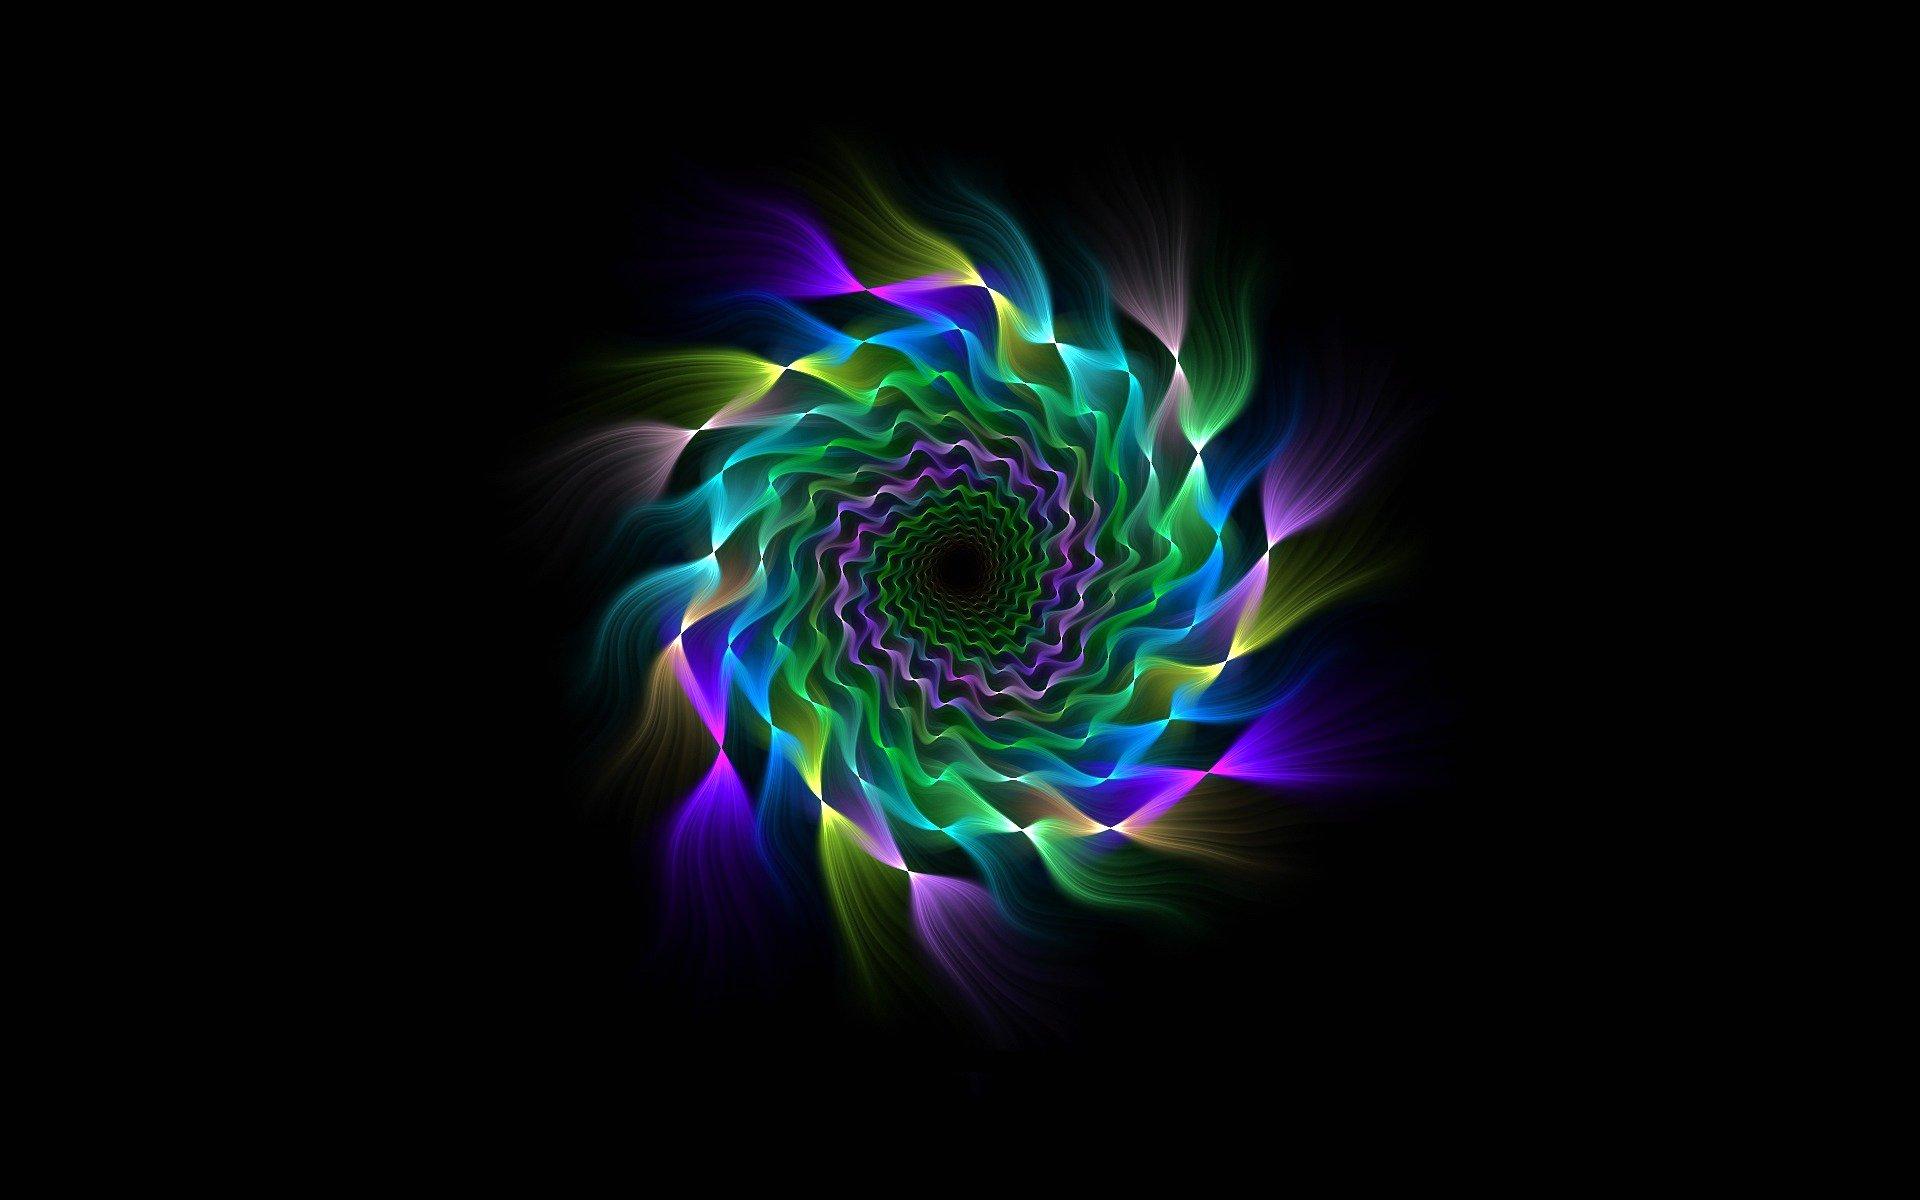 Обои свет, лучи, Цвет, фрактал, узор. Абстракции foto 17